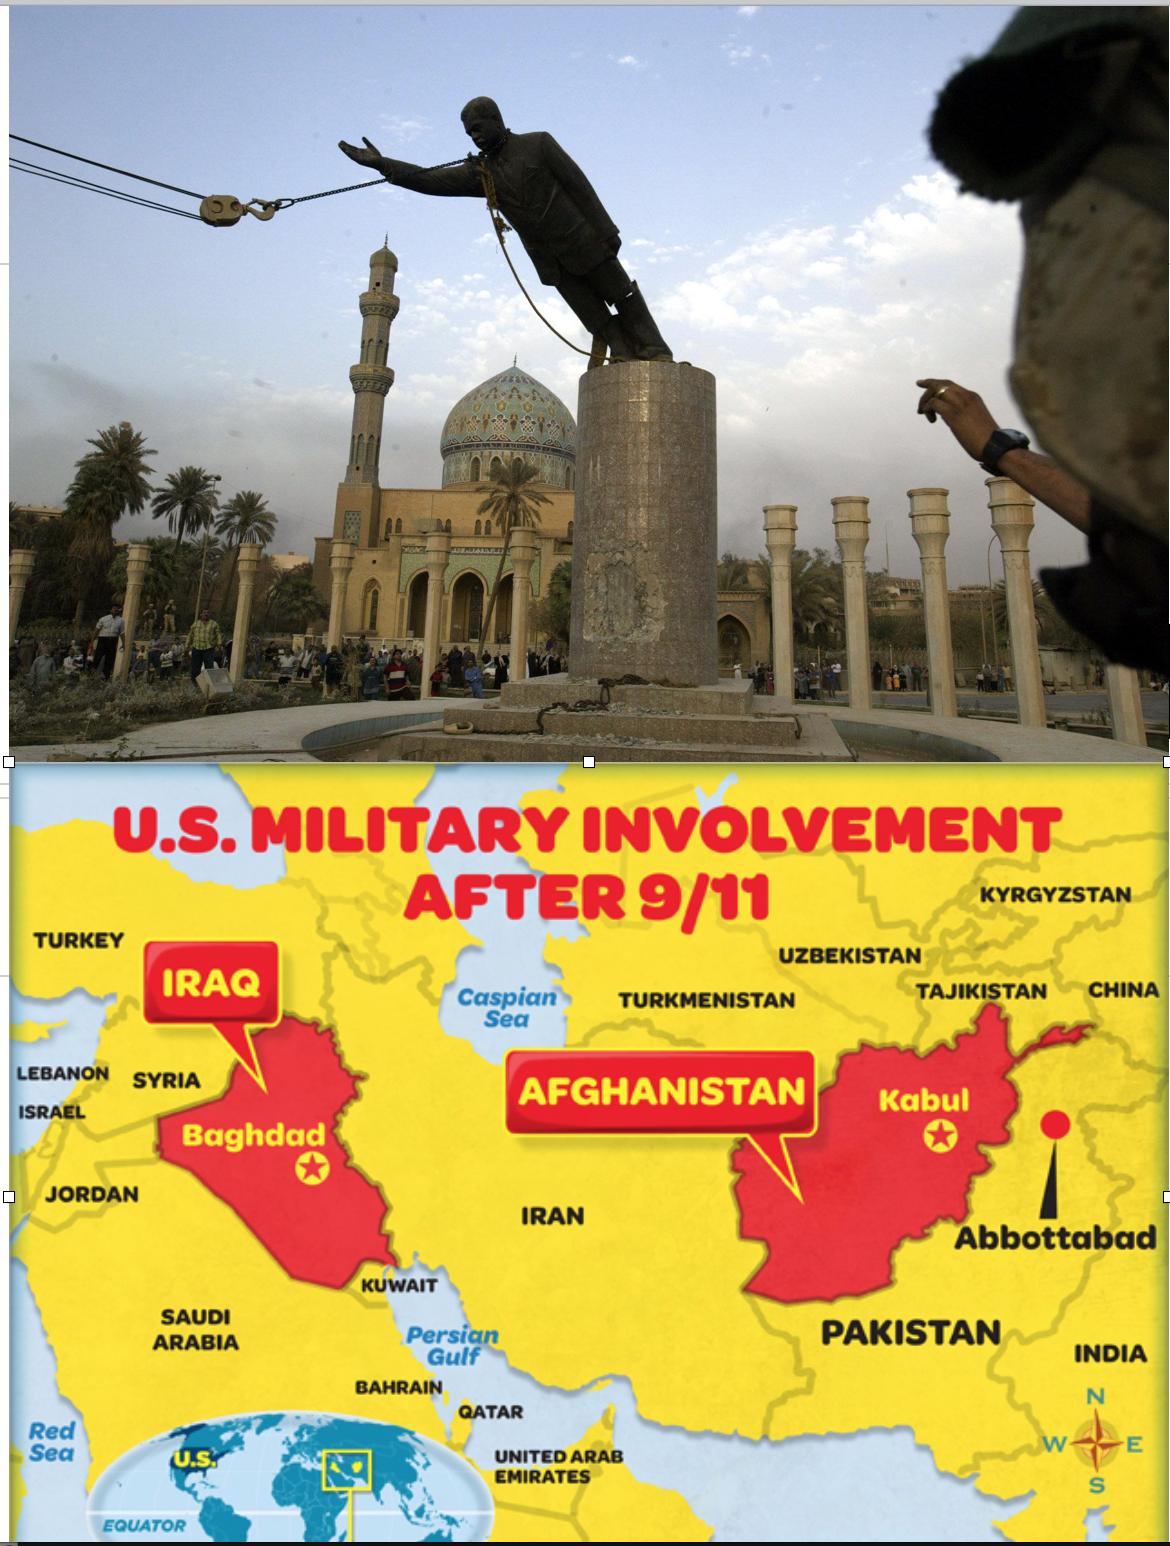 Estatua de Sadam Hussein y mapa de la intervención de EEUU en Irak y Afganistán